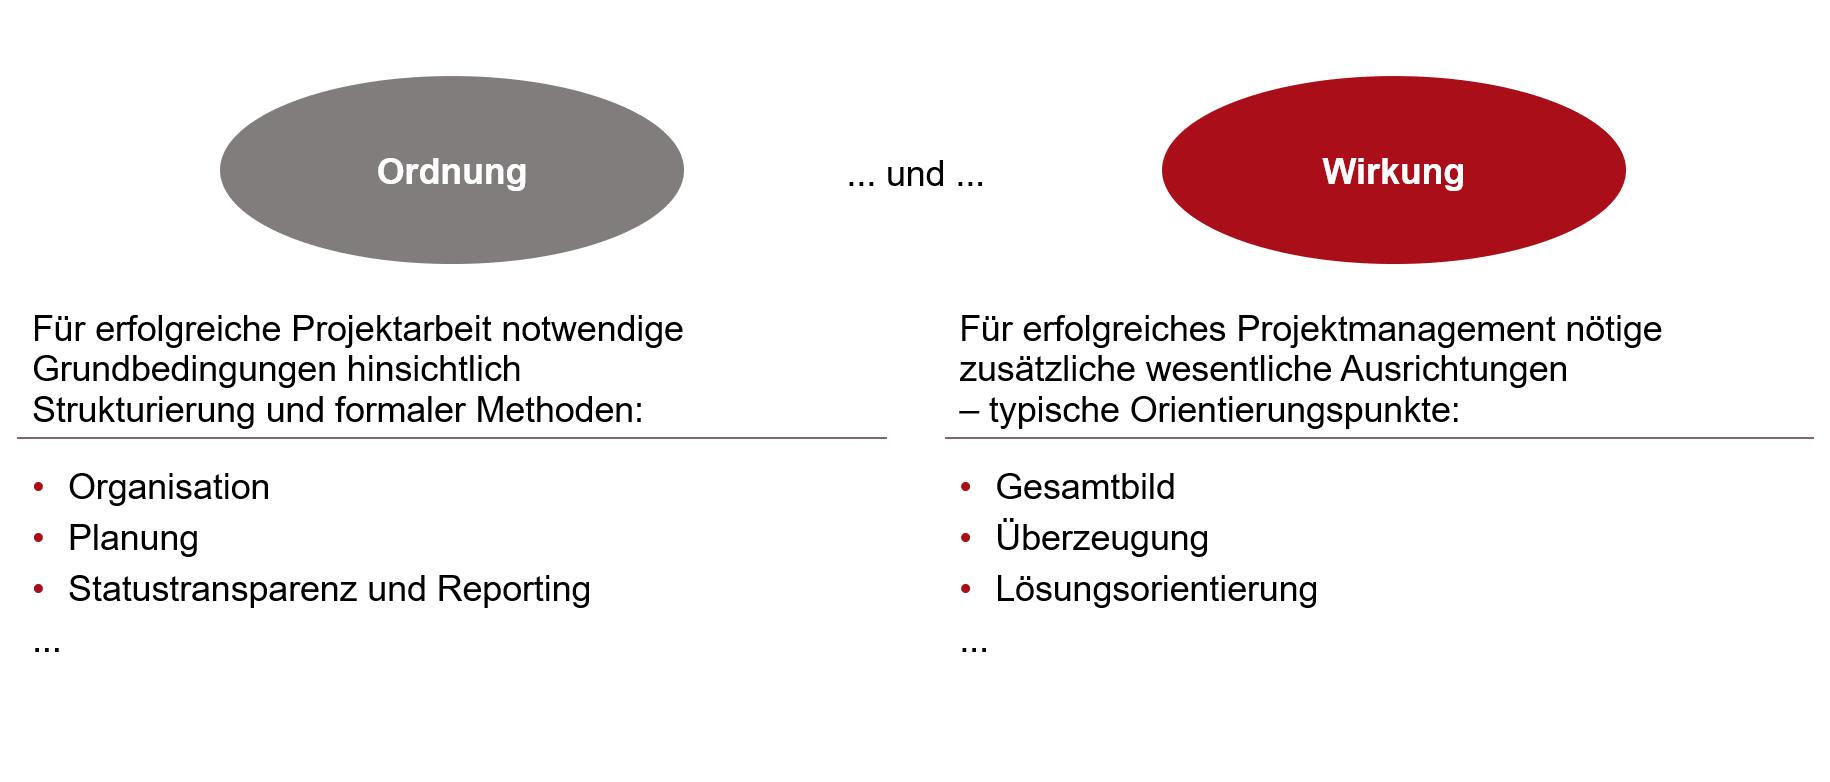 """""""Ordnung"""" und """"Wirkung"""" als komplementäre Elemente im Projektmanagement"""